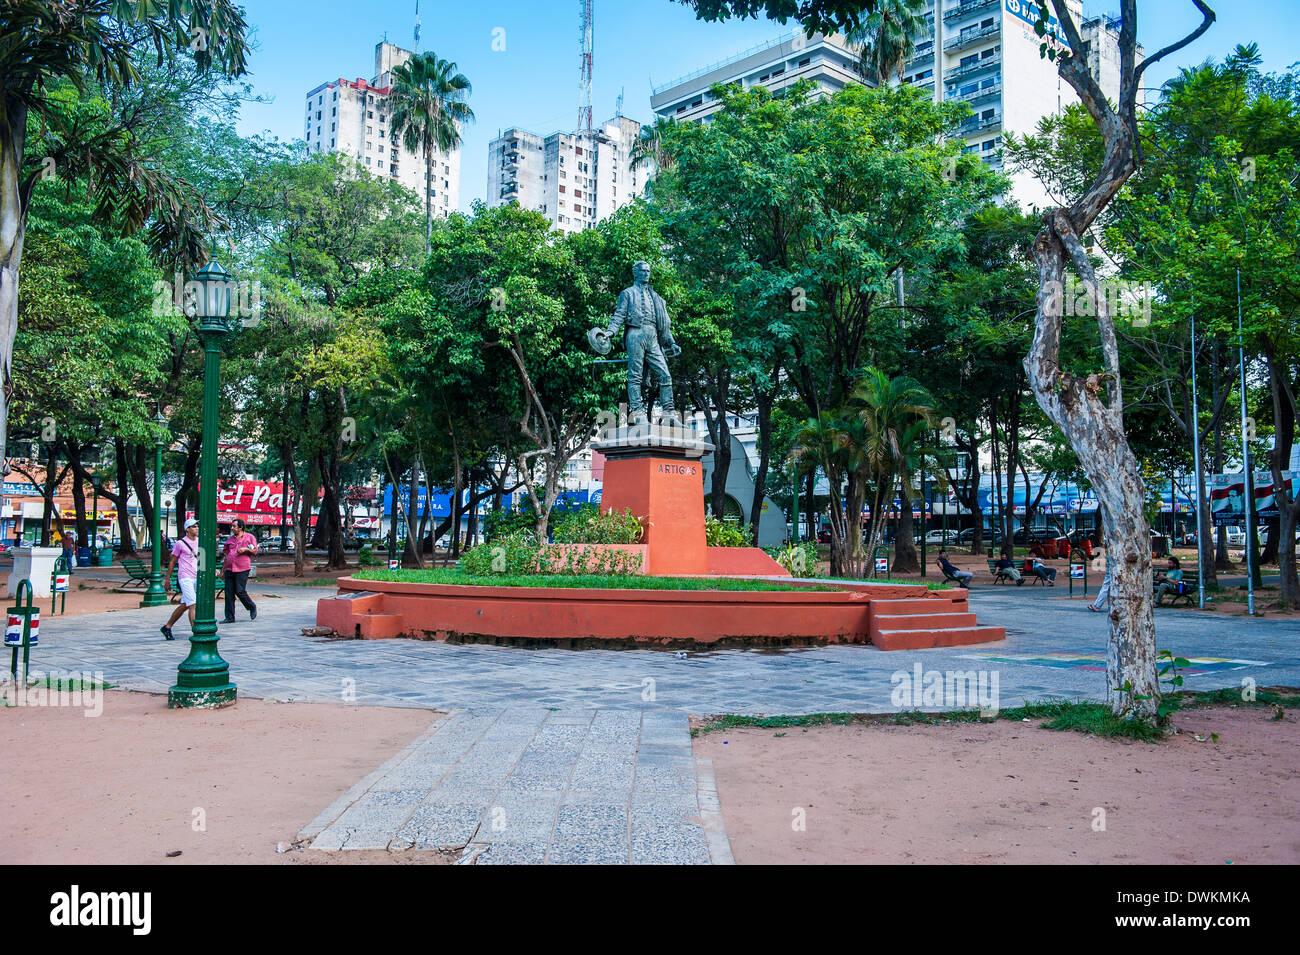 Uruguay Plaza en Asunción, Paraguay, América del Sur Imagen De Stock